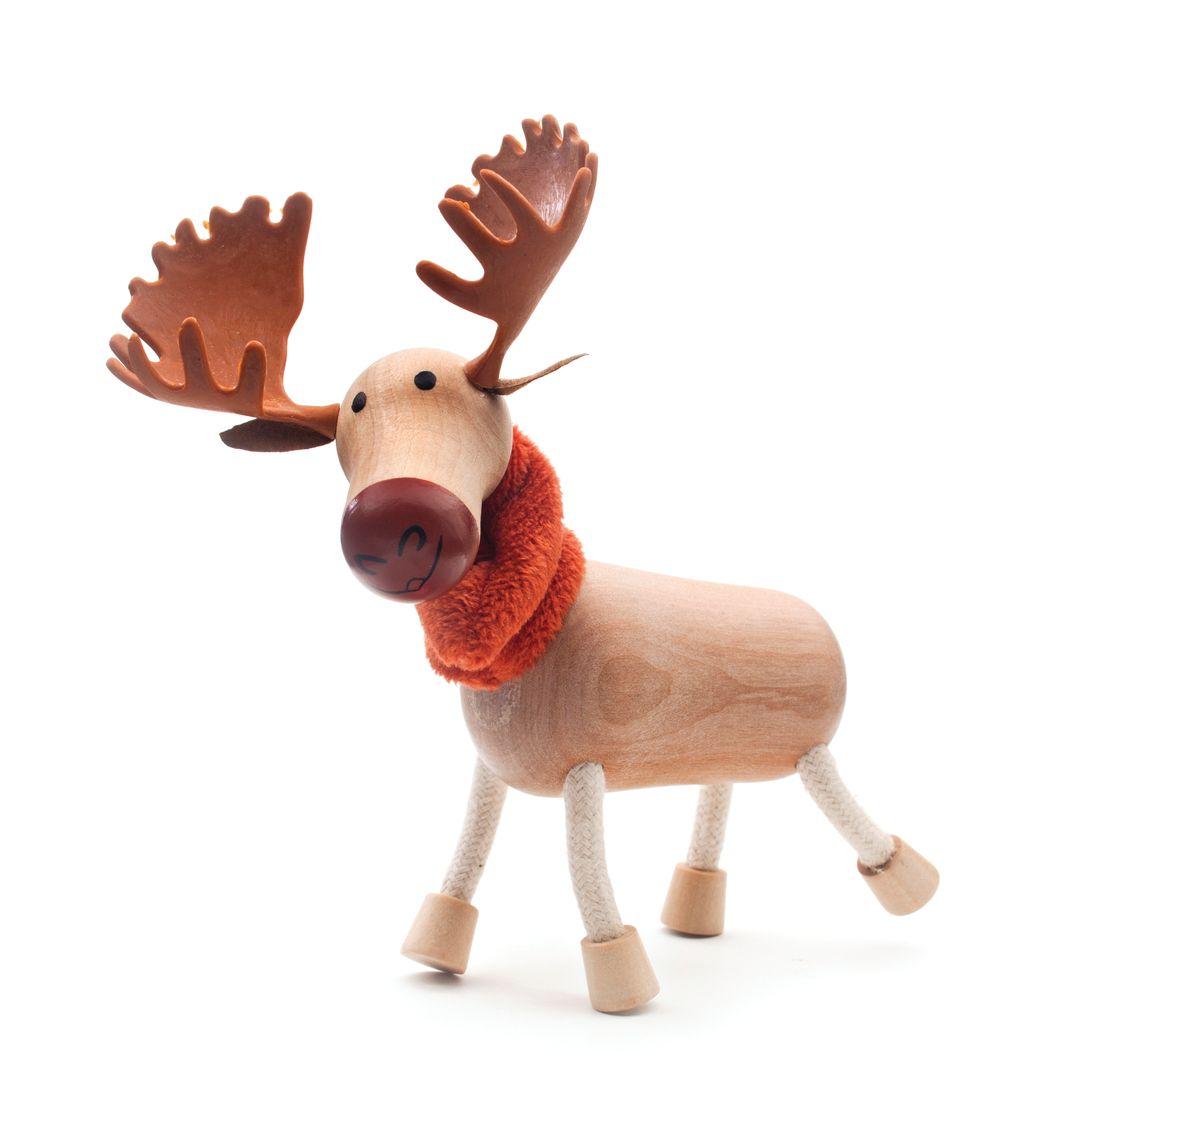 Игрушка деревянная Anamalz ЛосьMO2010Придуманные австралийским дизайнером Луизой Косан-Скотт, игрушки AnaMalz завоевали более 15 отраслевых наград, включая Австралийскую международную награду в области дизайна, присуждаемую организацией Standards Australia. - Игрушки AnaMalz предназначены для детей от 3 лет - AnaMalz изготовлены из дерева, называемого schima superba или «игольчатое дерево» (быстрорастущее дерево, выращиваемое на лесных плантациях) - Рога изготовлены из термопластичной резины (TPR) – материала, одобренного Управлением по контролю качества пищевых продуктов и медикаментов (FDA). Смесь TPR с древесной мукой является экологичной альтернативой пластмассе - Все игрушки AnaMalz раскрашиваются вручную с использованием безопасной для детей краски и клея без содержания формальдегида - Древесные отходы от производства AnaMalz используются на ферме для выращивания грибов AnaMalz завоевали популярность во всем мире. Они стали участниками телевизионных шоу TODAY, шоу Марты Стюарт, Daily Candy Kids и USA...